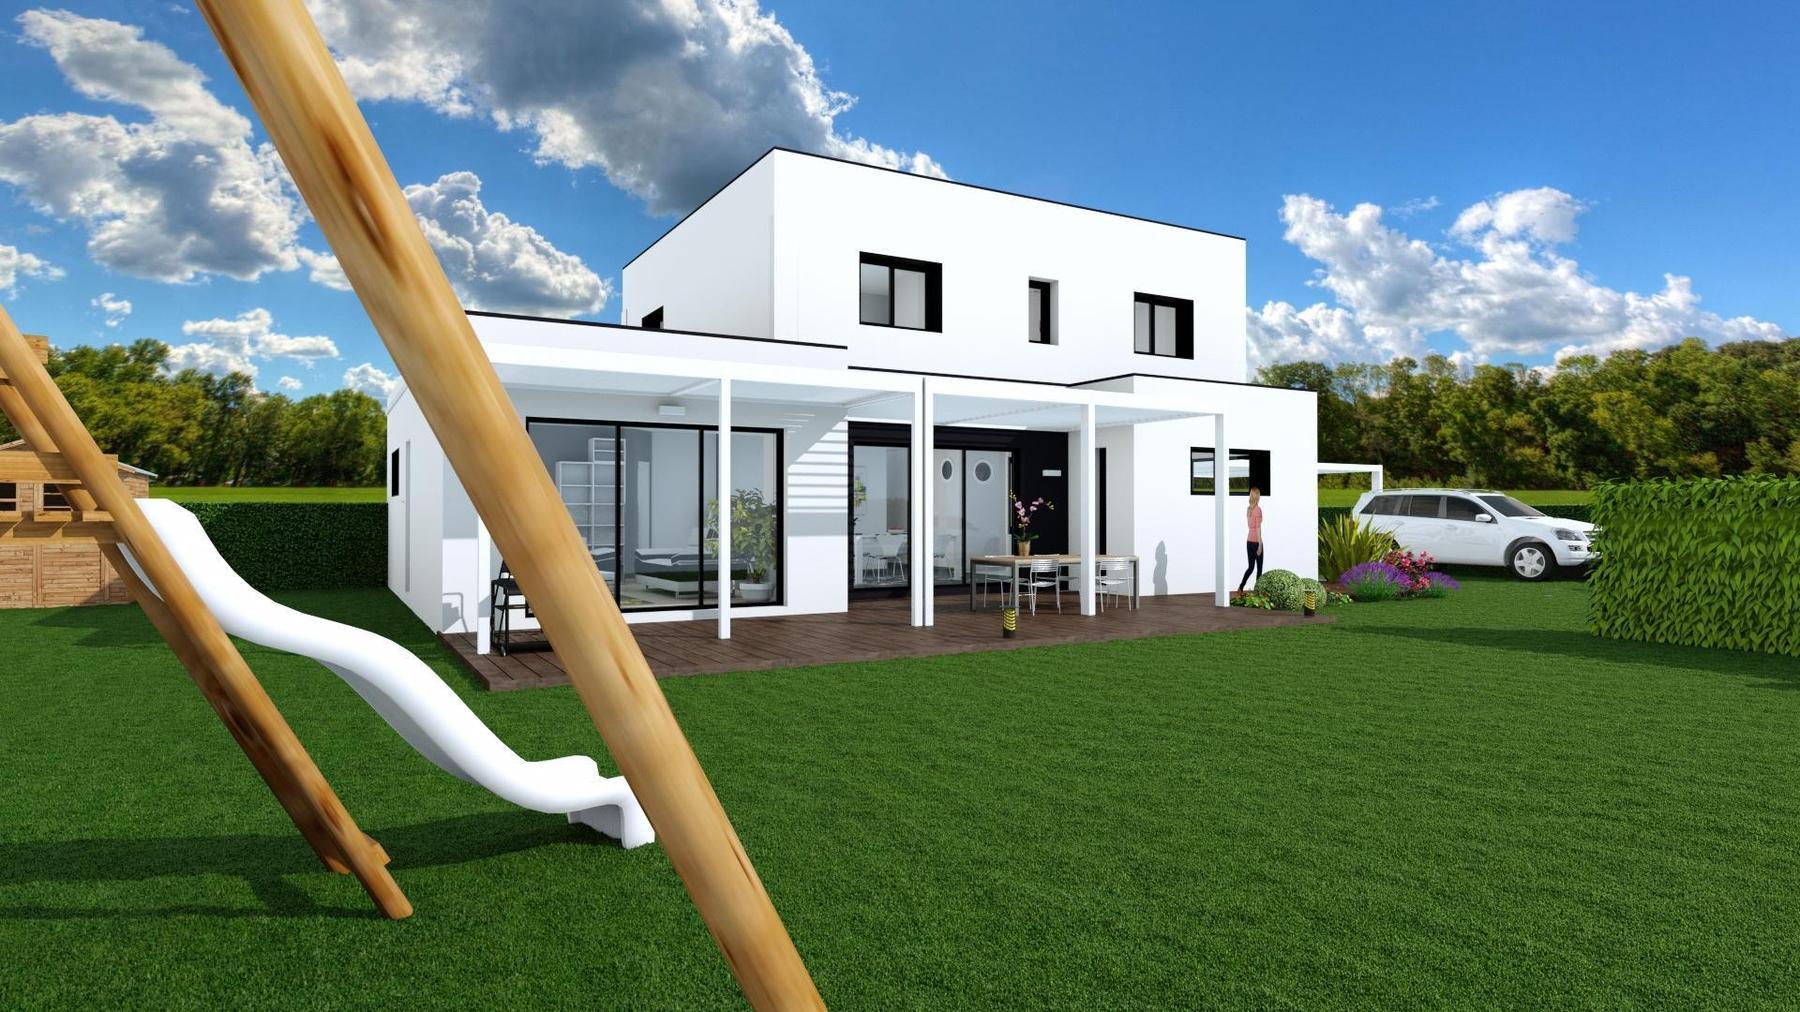 programme bouchemaine 49 saisir d urgence construire sa maison pas cher constructeur. Black Bedroom Furniture Sets. Home Design Ideas